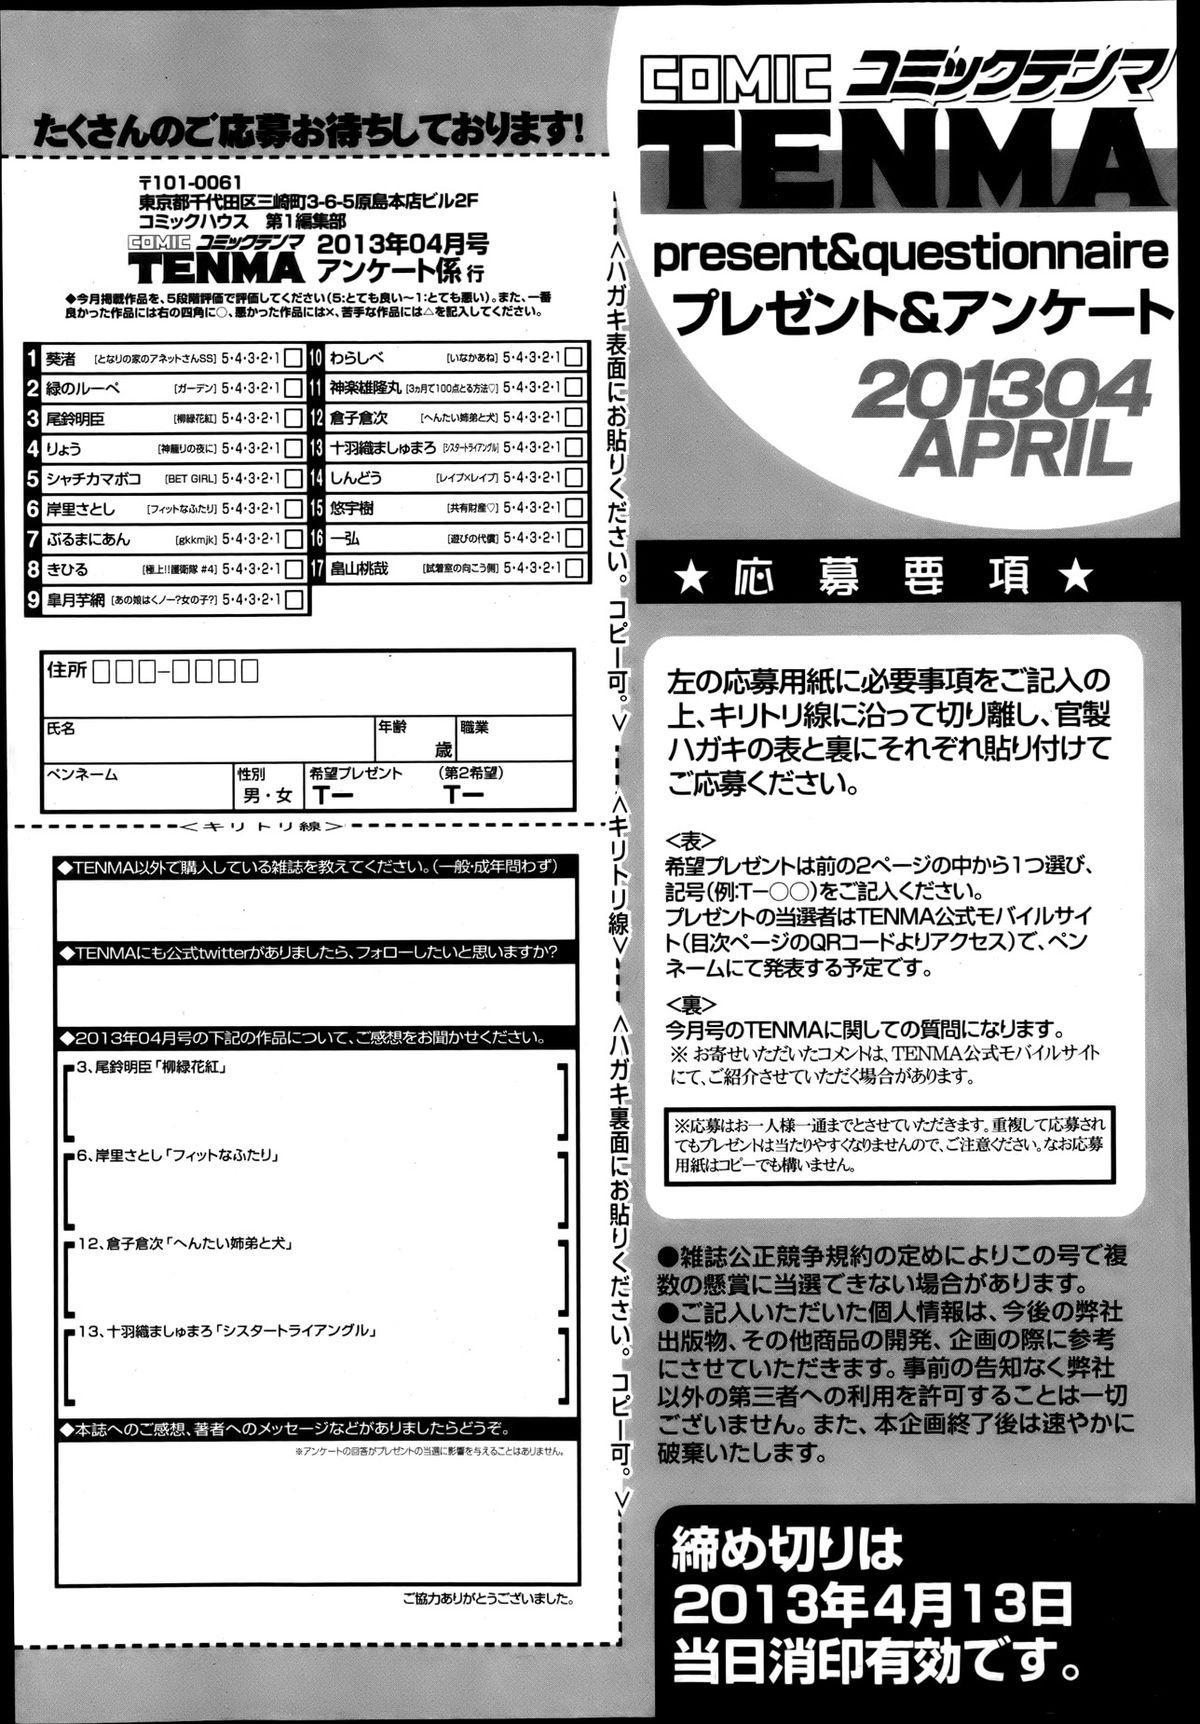 COMIC Tenma 2013-04 405